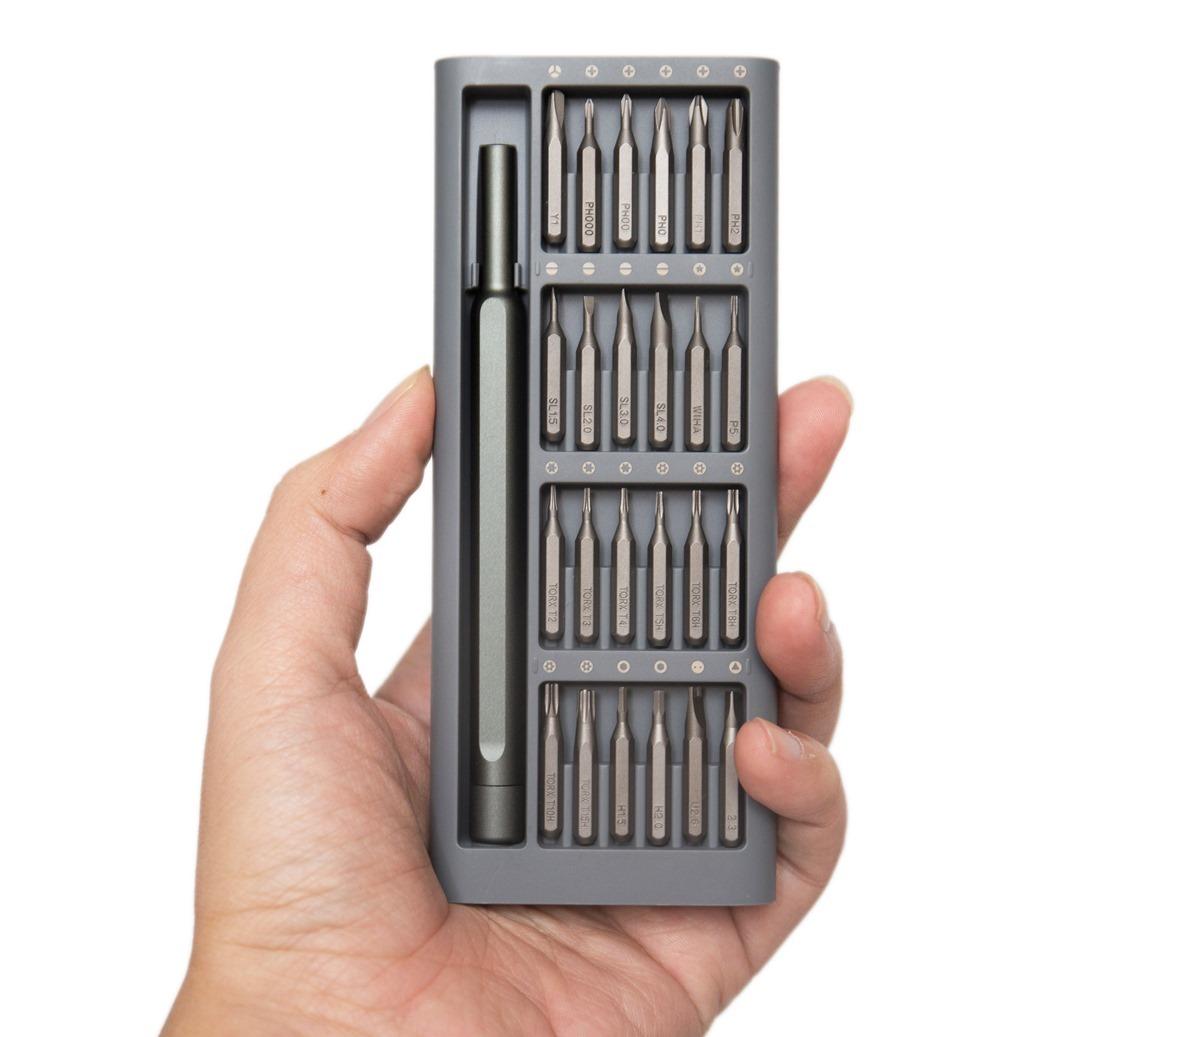 [開箱] 米家 wiha 精修螺絲工具套裝 12/5 台灣發售!搶先看! @3C 達人廖阿輝